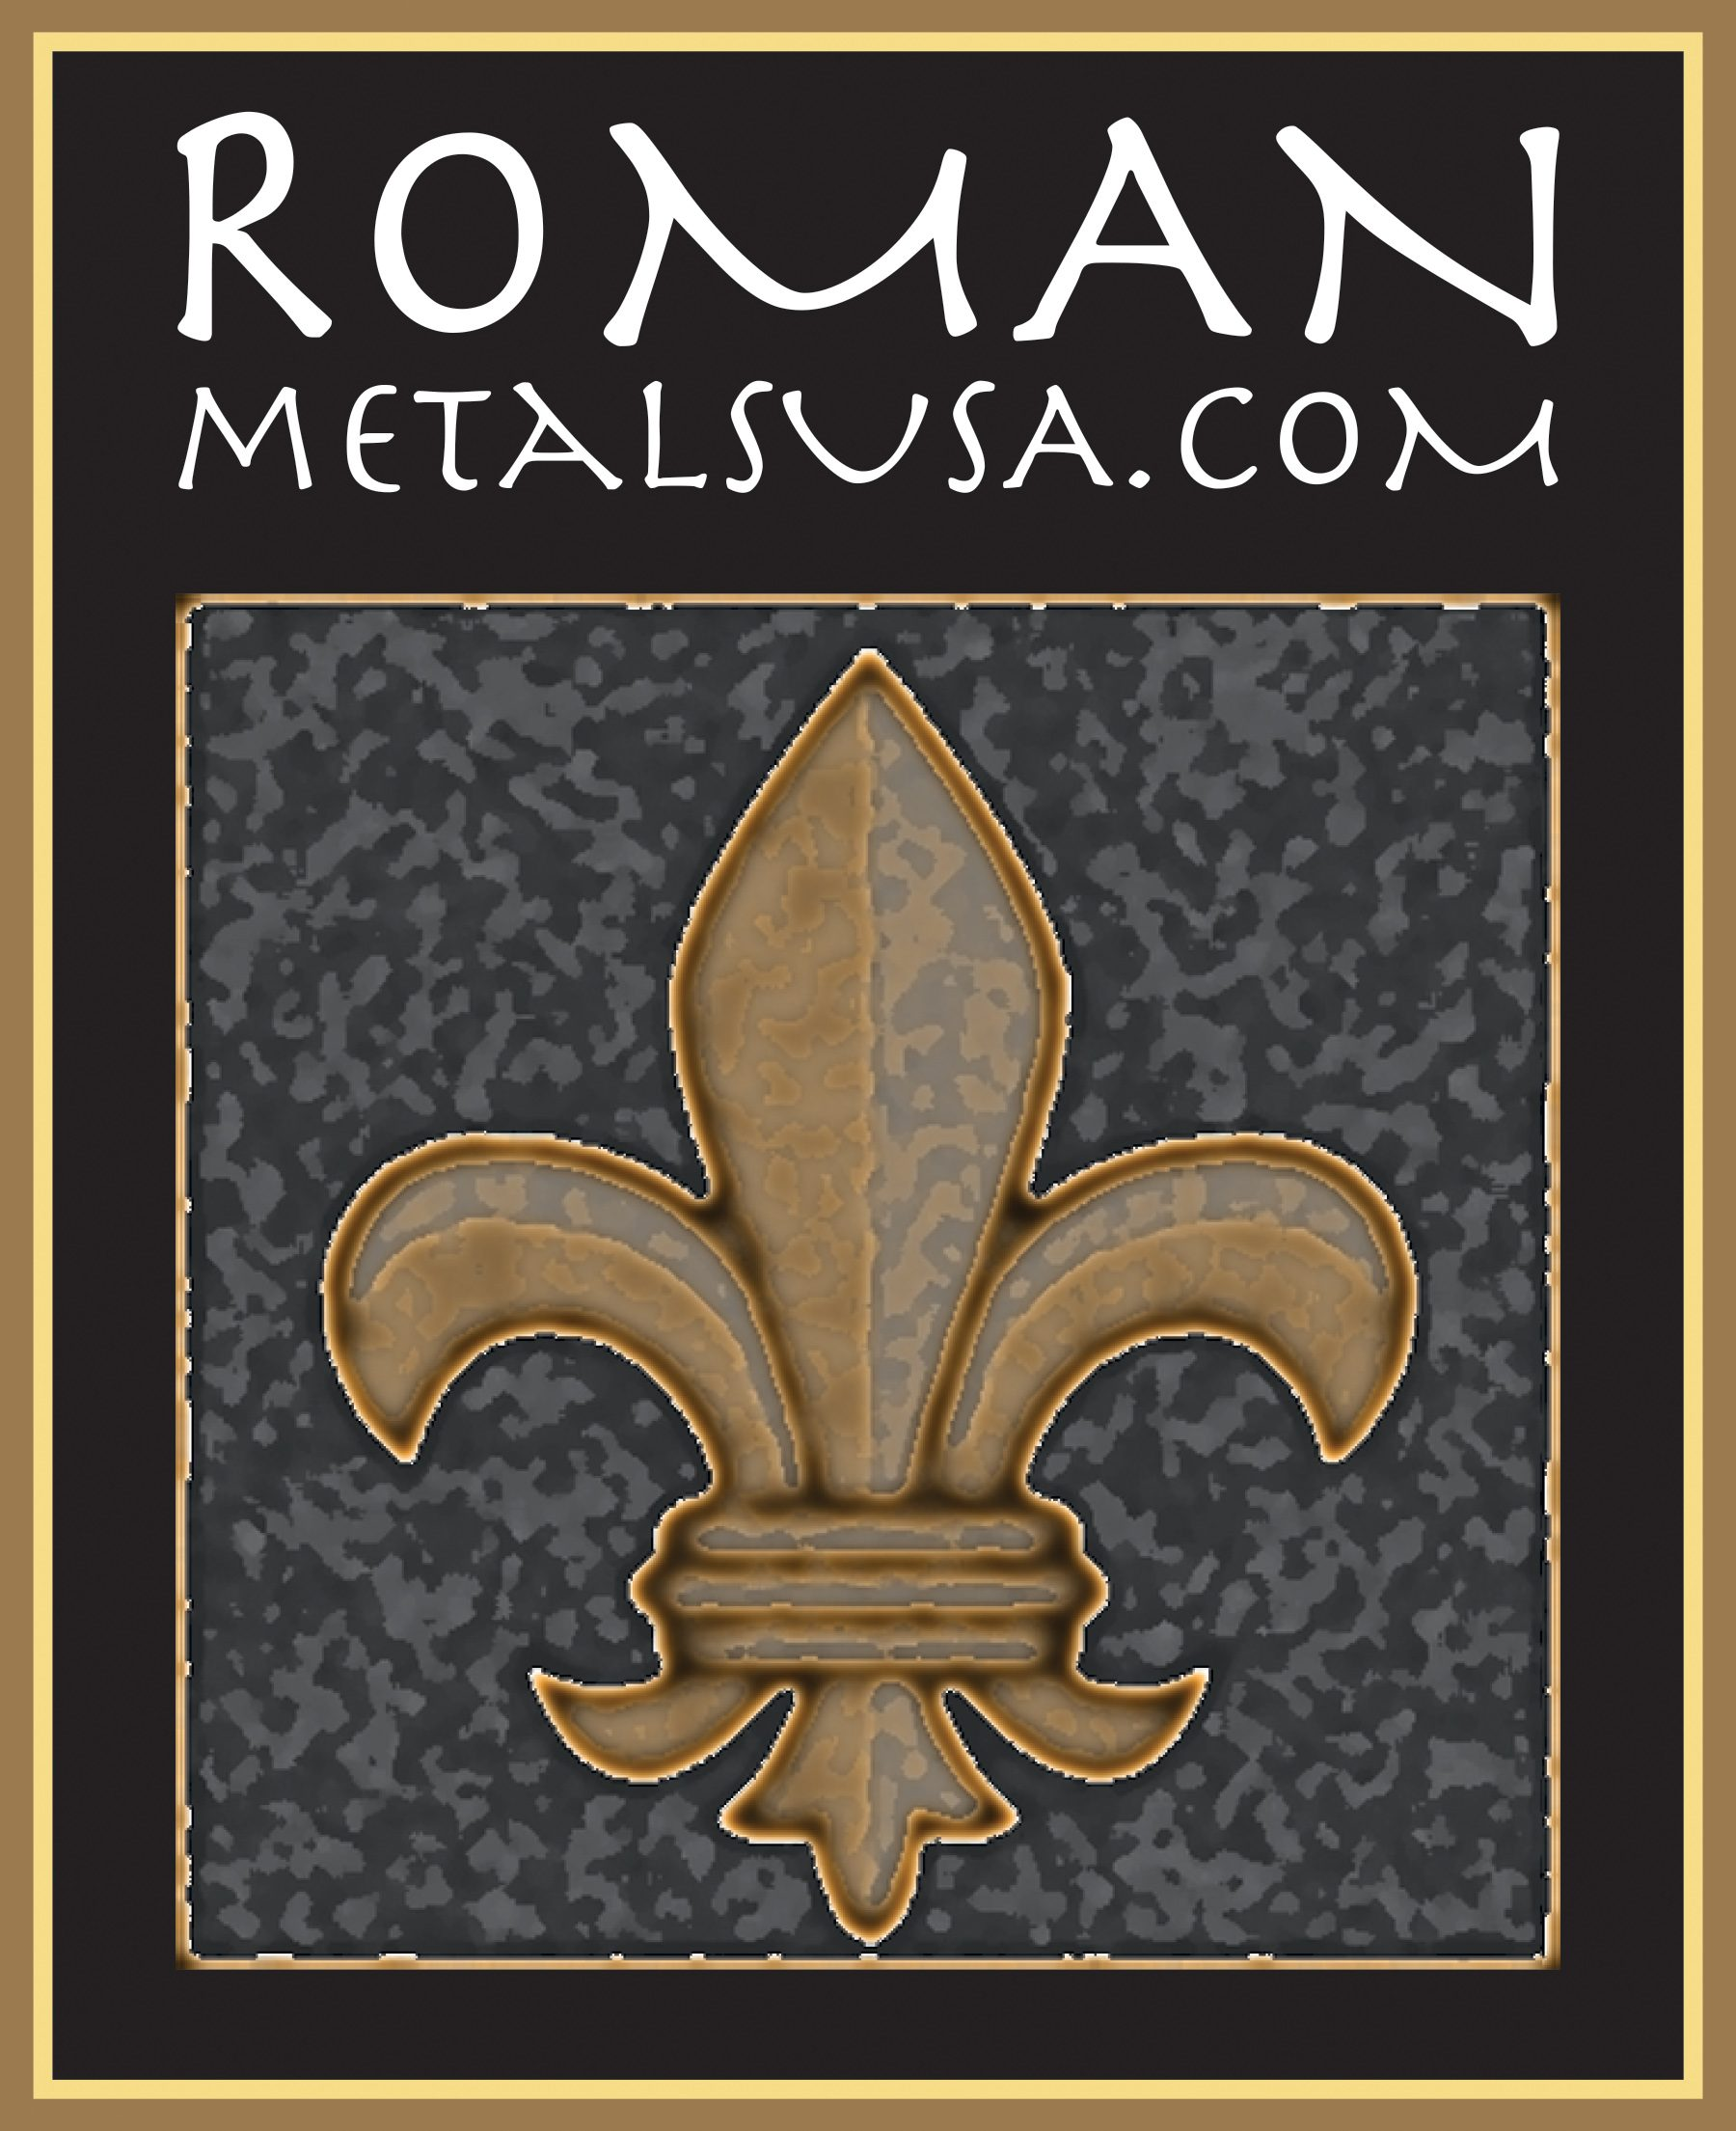 Roman Metals USA